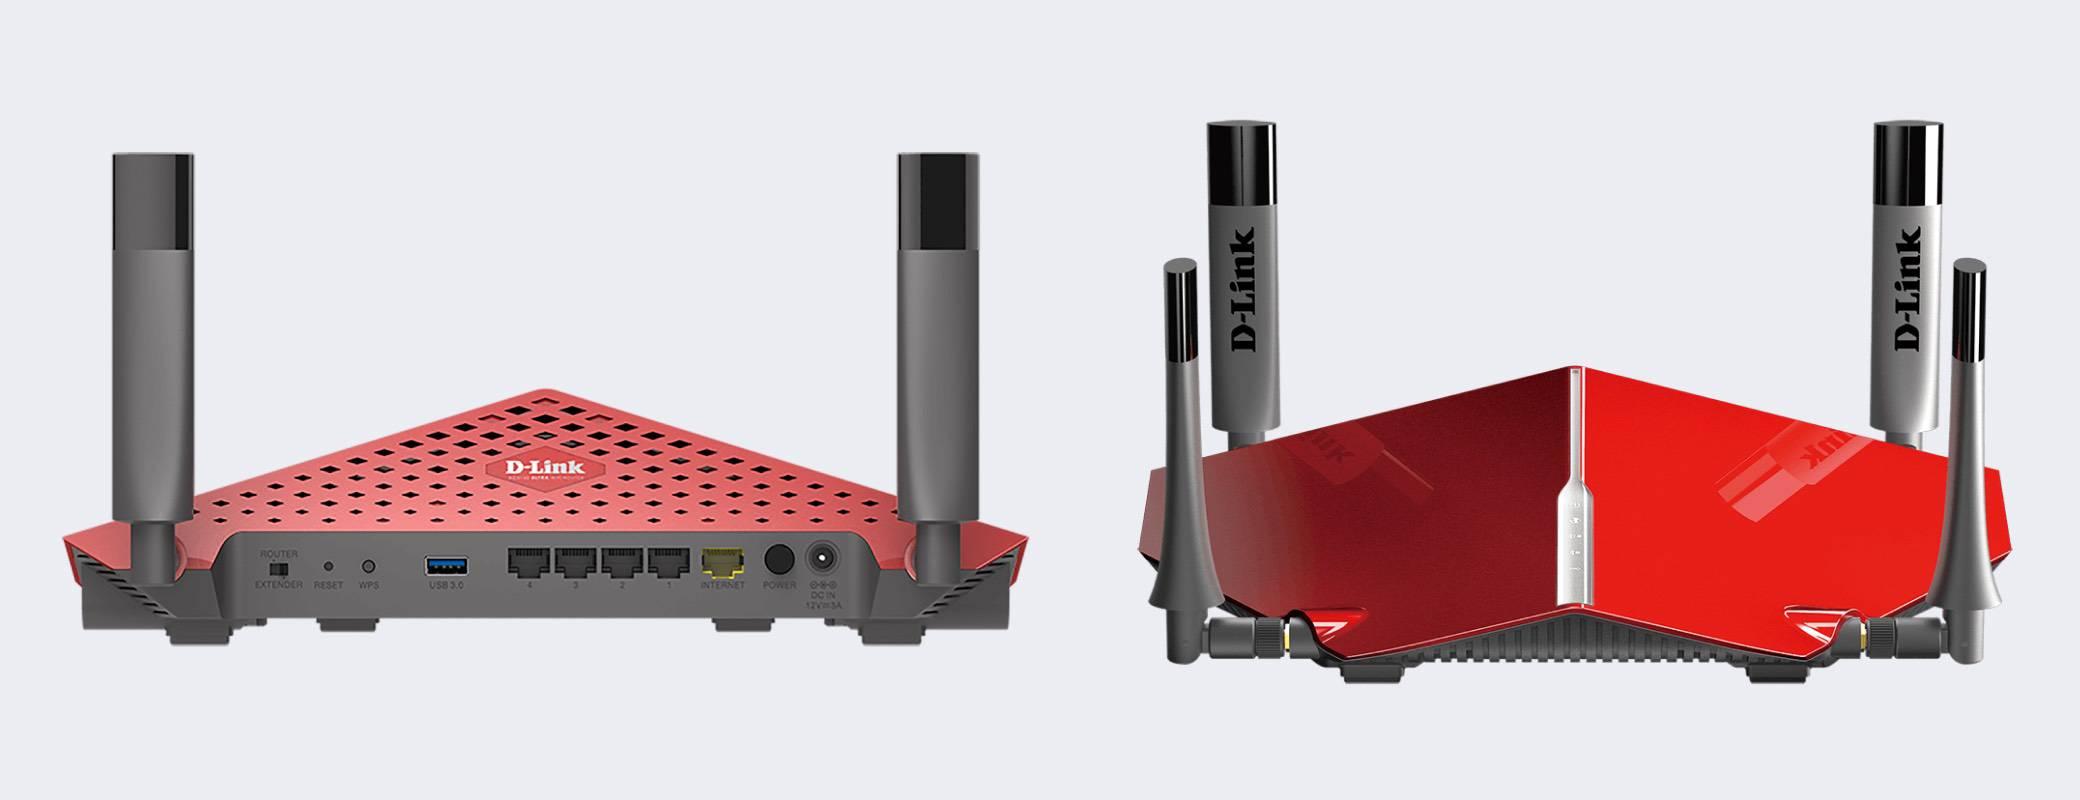 d-link-dir-885l-r-router image